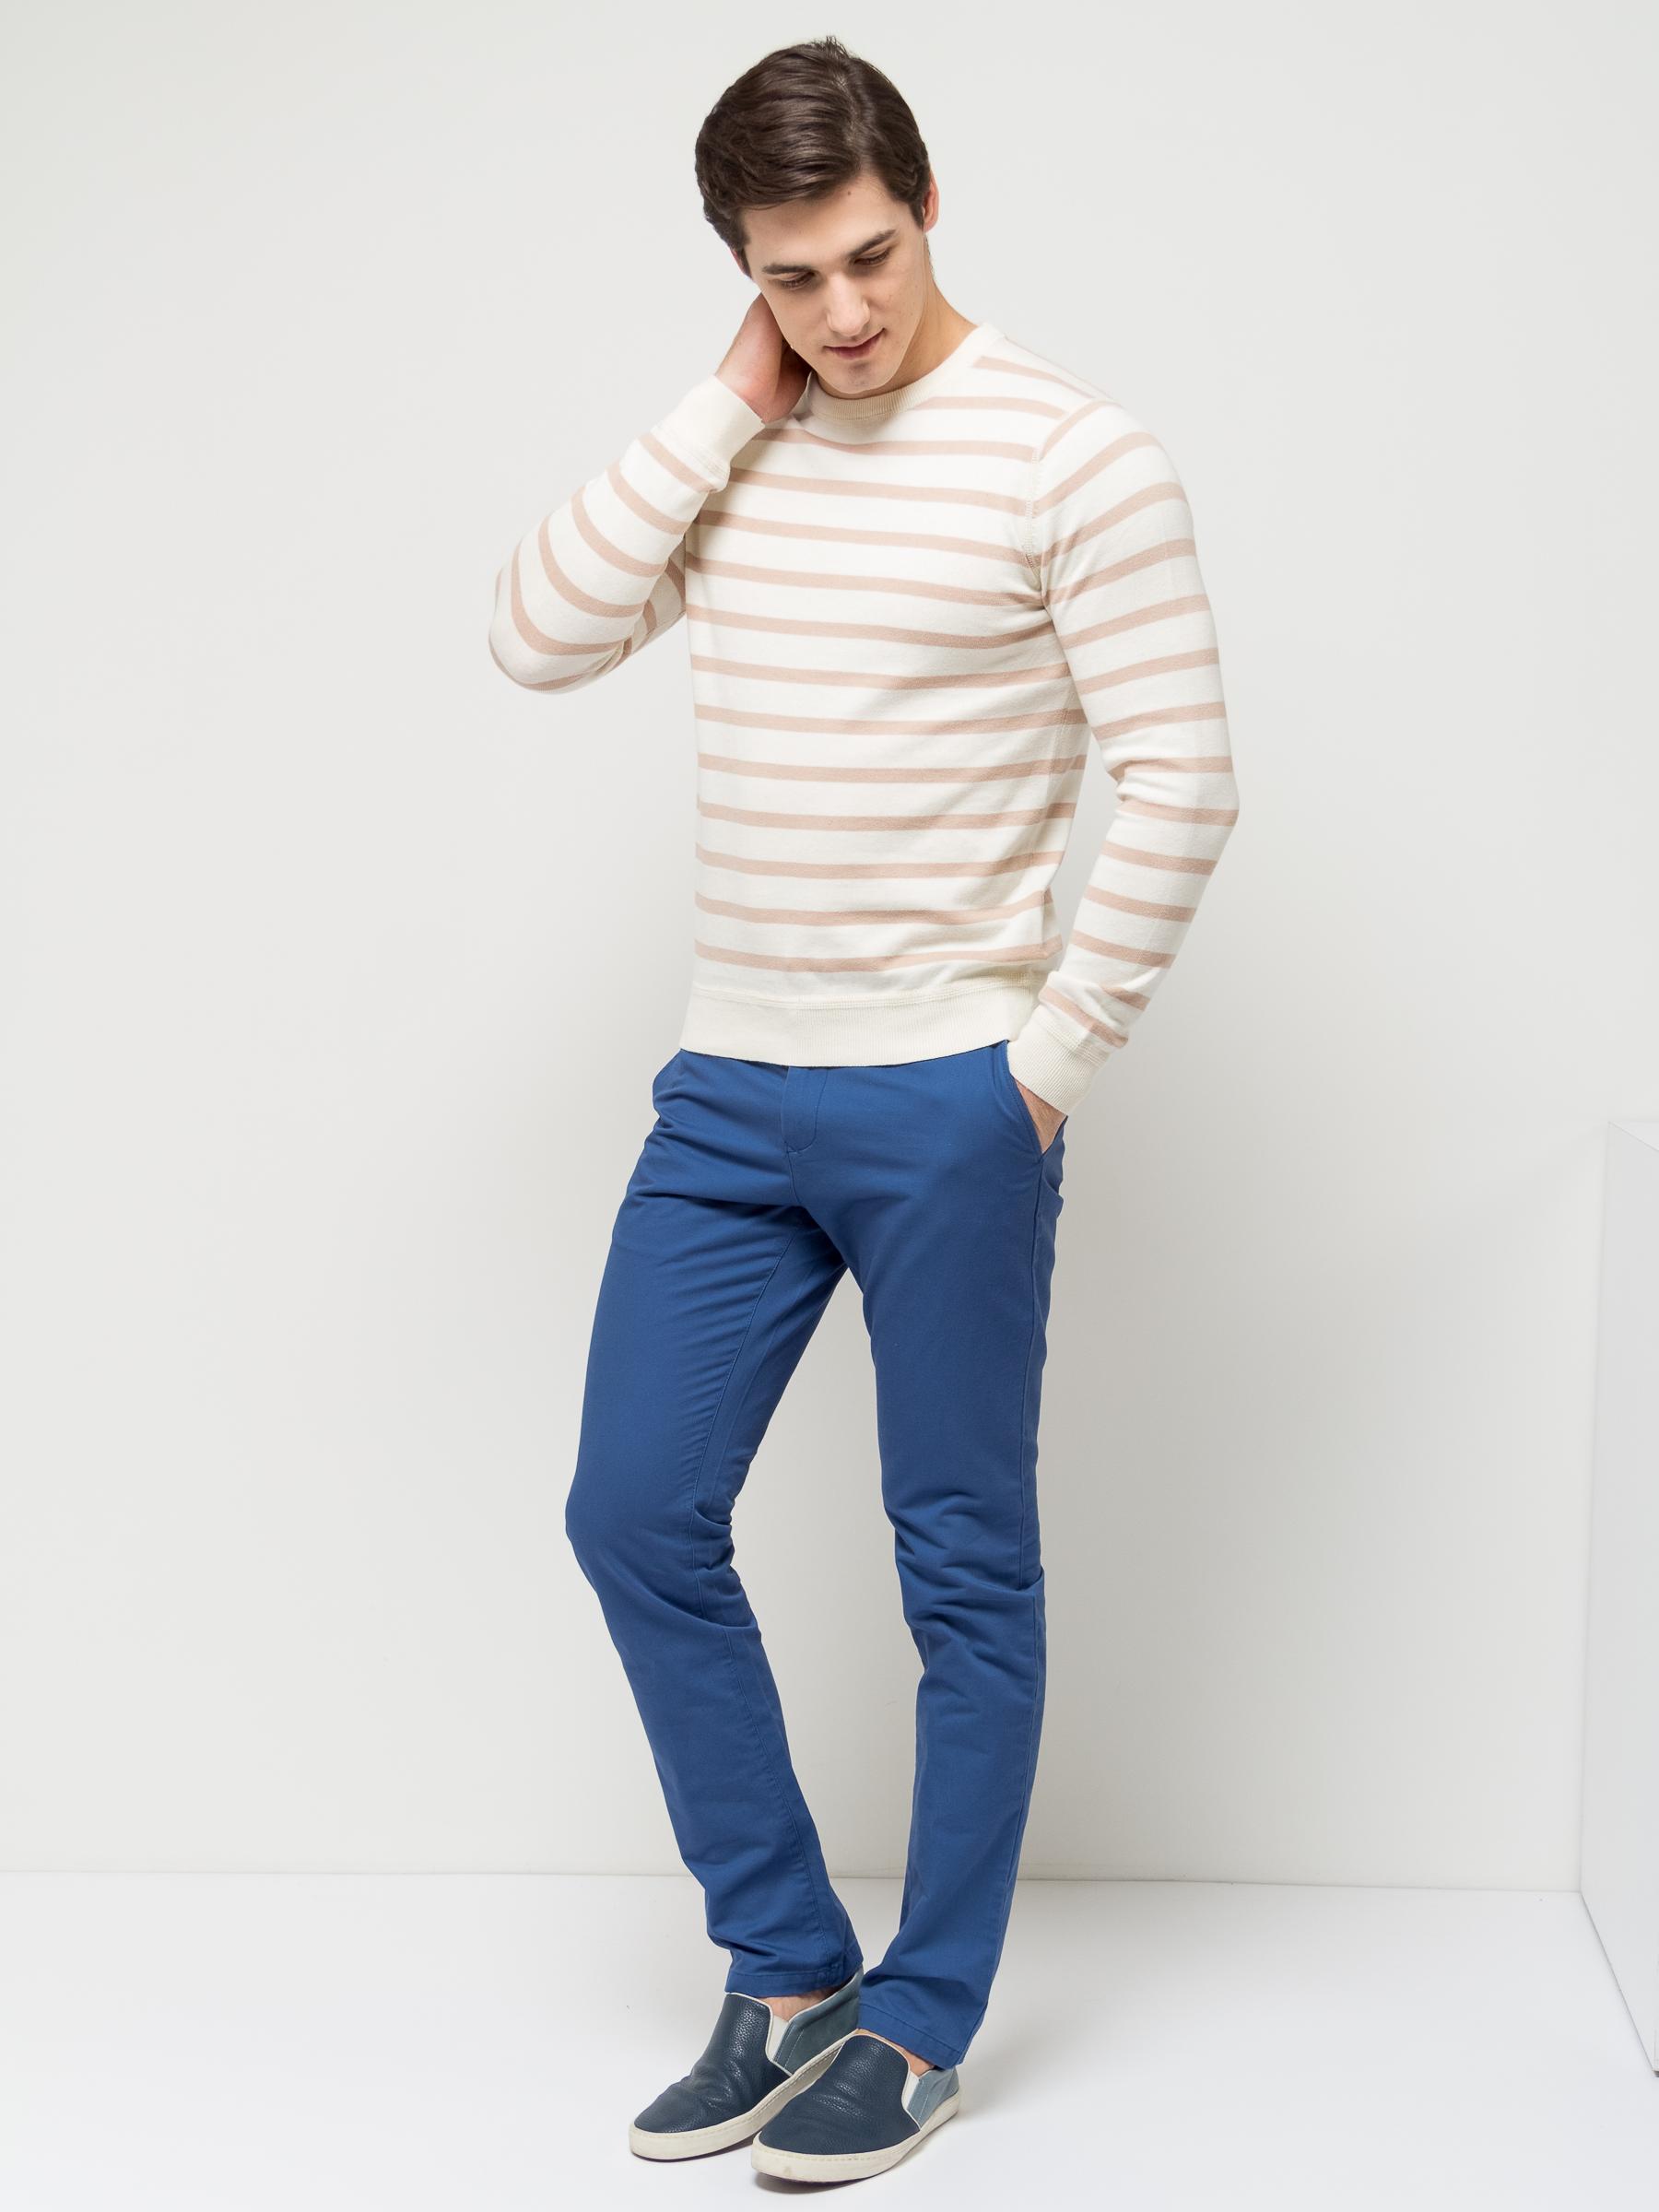 ДжемперJR-214/851-7112Стильный мужской джемпер Sela выполнен из натурального хлопка мелкой вязки в полоску. Модель полуприлегающего кроя с длинными рукавами подойдет для офиса, прогулок и дружеских встреч и будет отлично сочетаться с джинсами и брюками. Мягкая ткань комфортна и приятна на ощупь. Воротник, манжеты рукавов и низ изделия связаны резинкой.